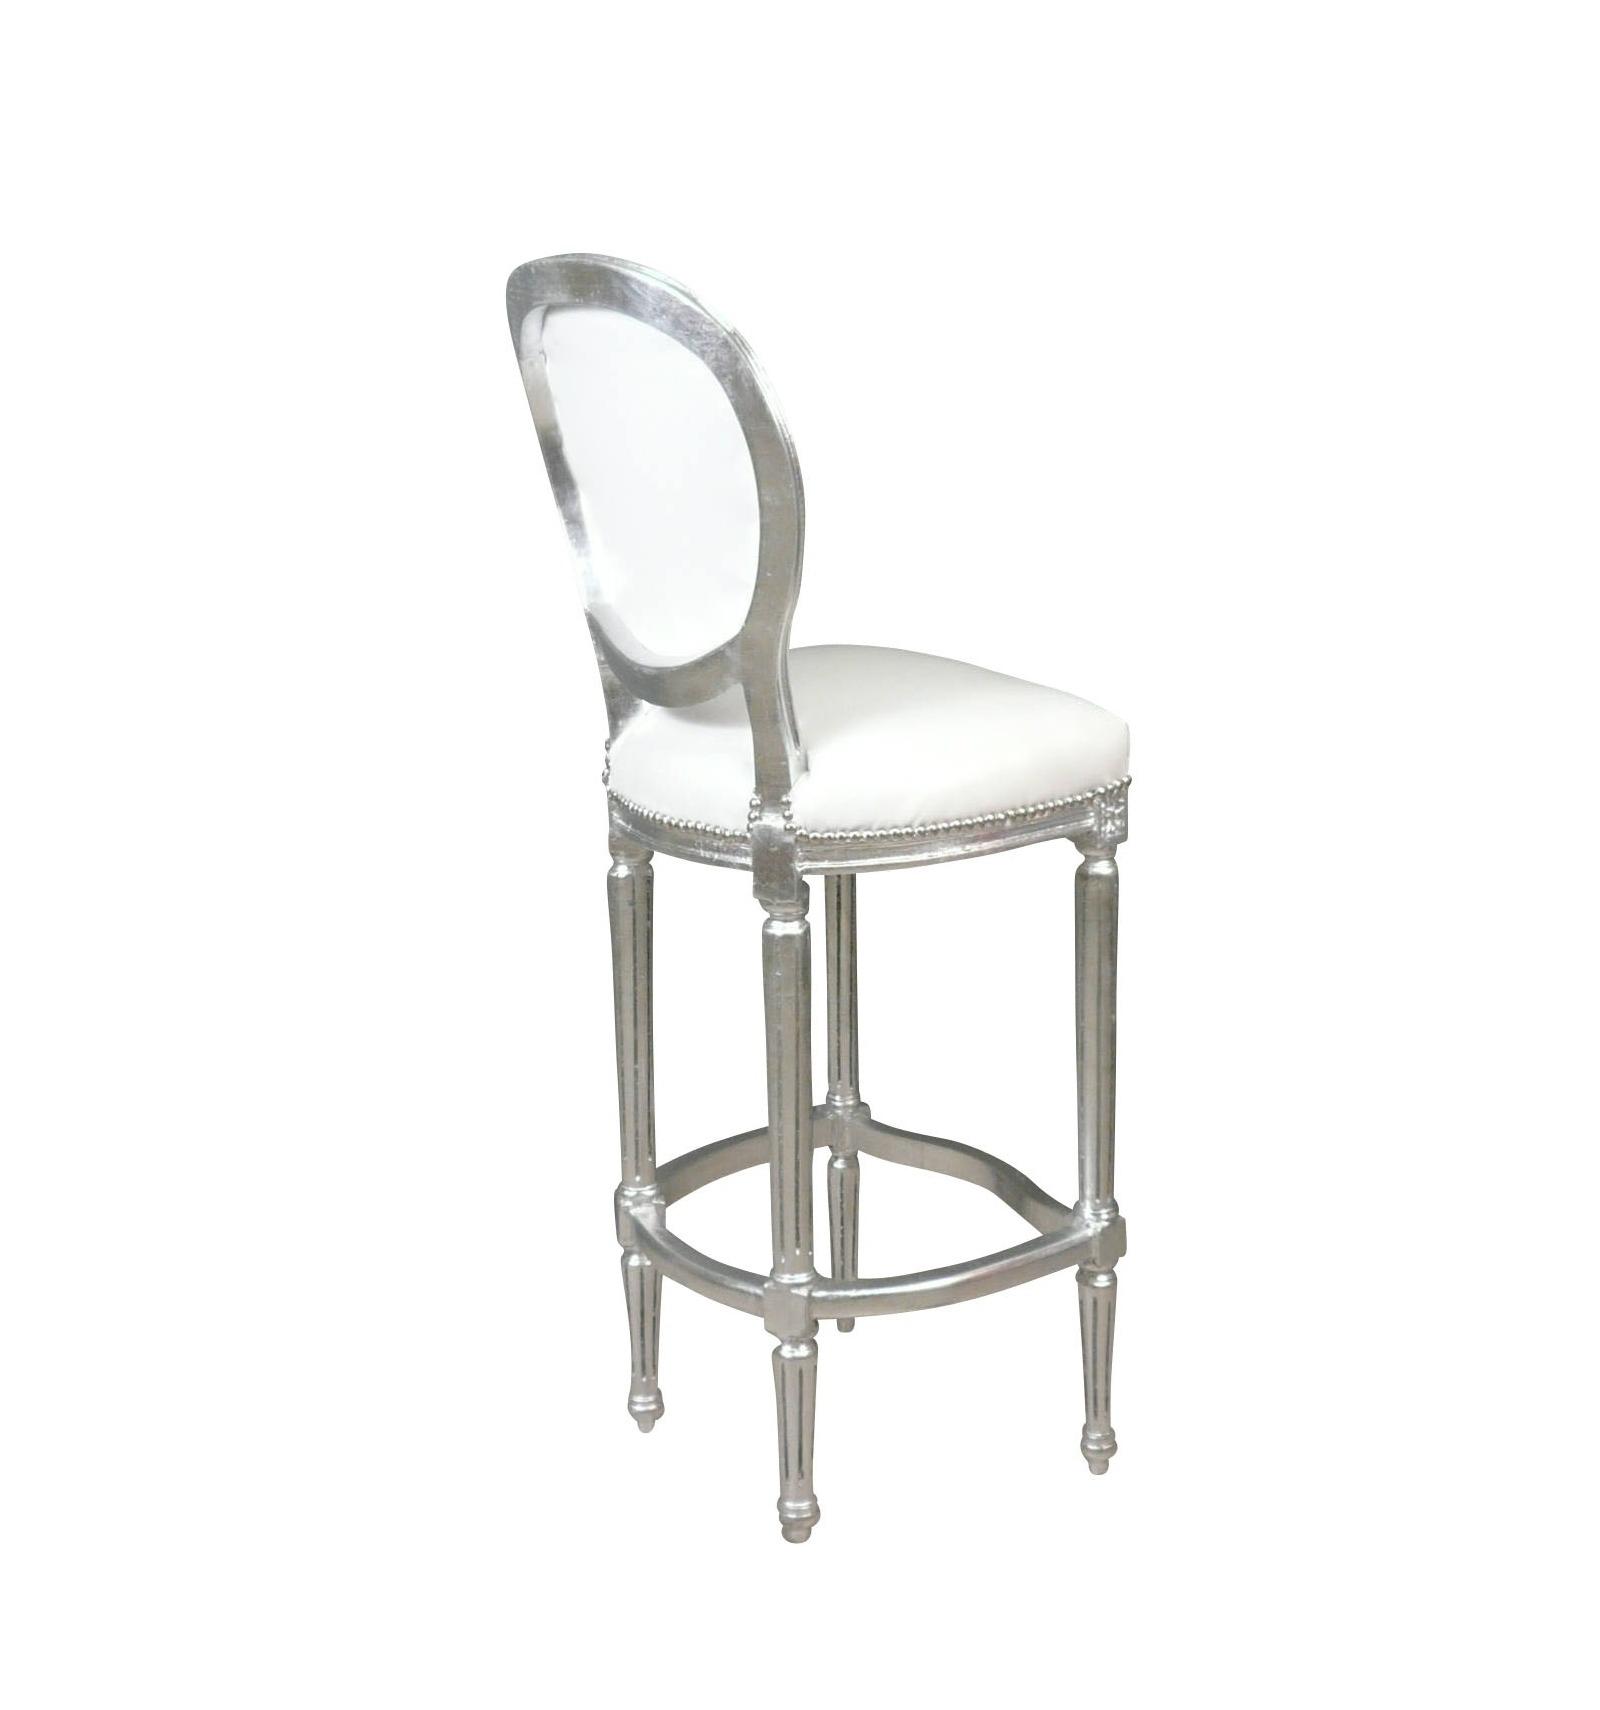 chaise de bar baroque de style louis xvi chaises pour mange debout. Black Bedroom Furniture Sets. Home Design Ideas